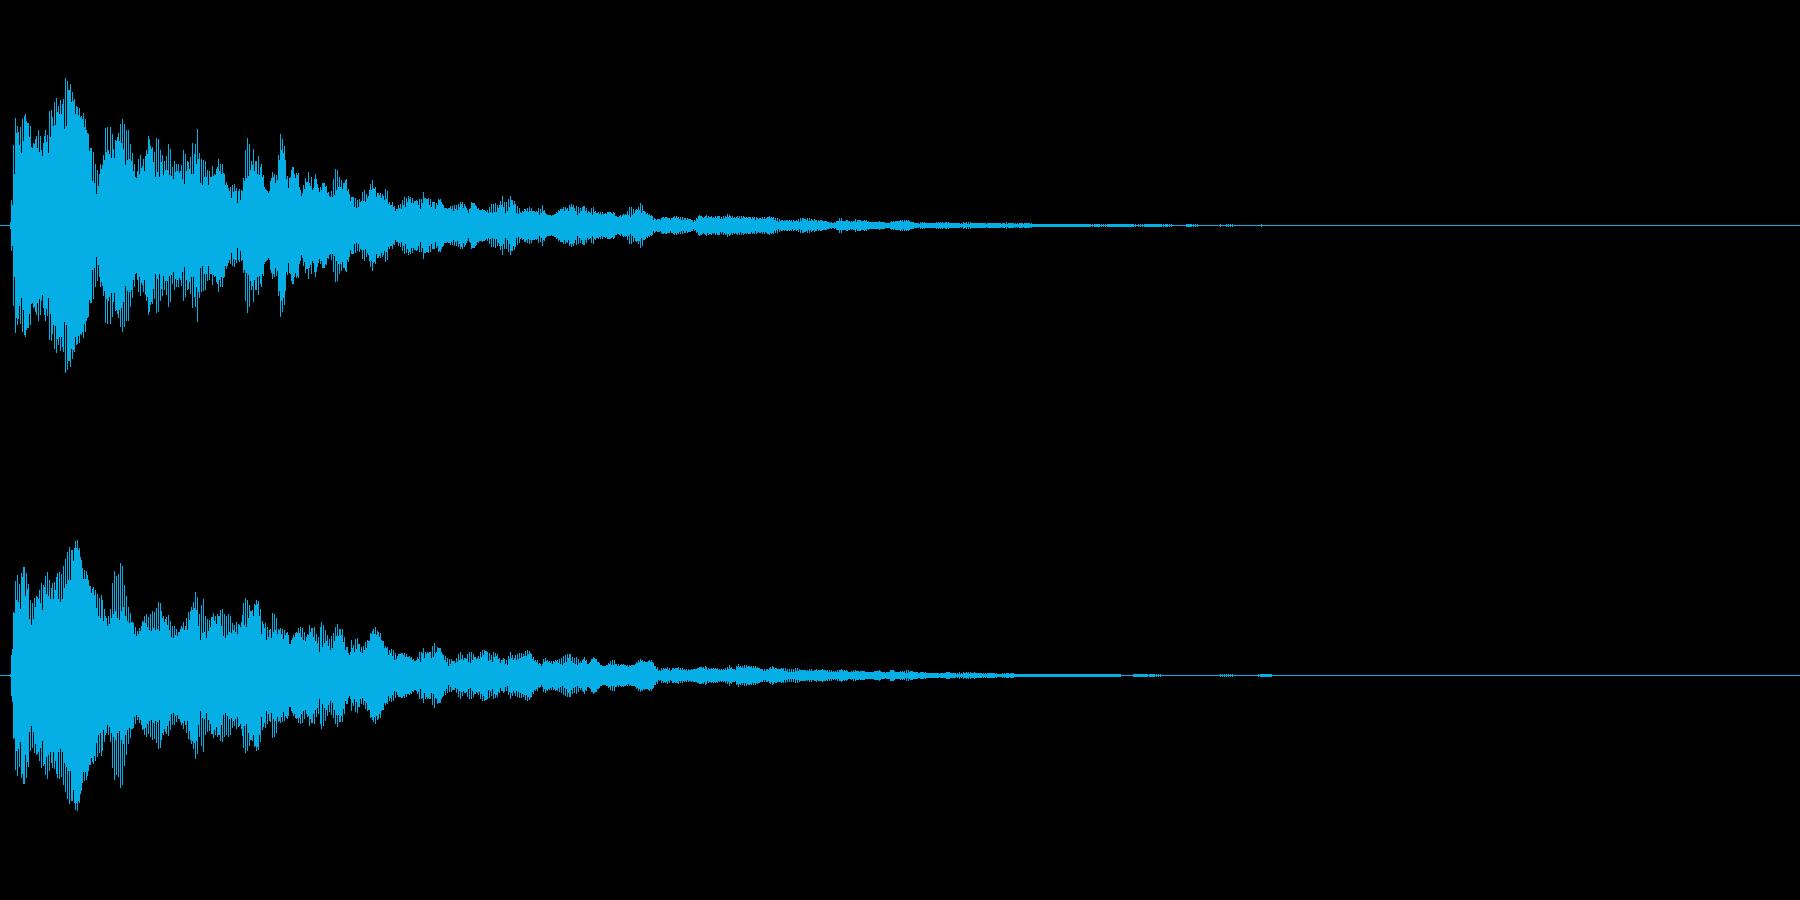 ふぁん(ファー)という宇宙風柔らかい音の再生済みの波形